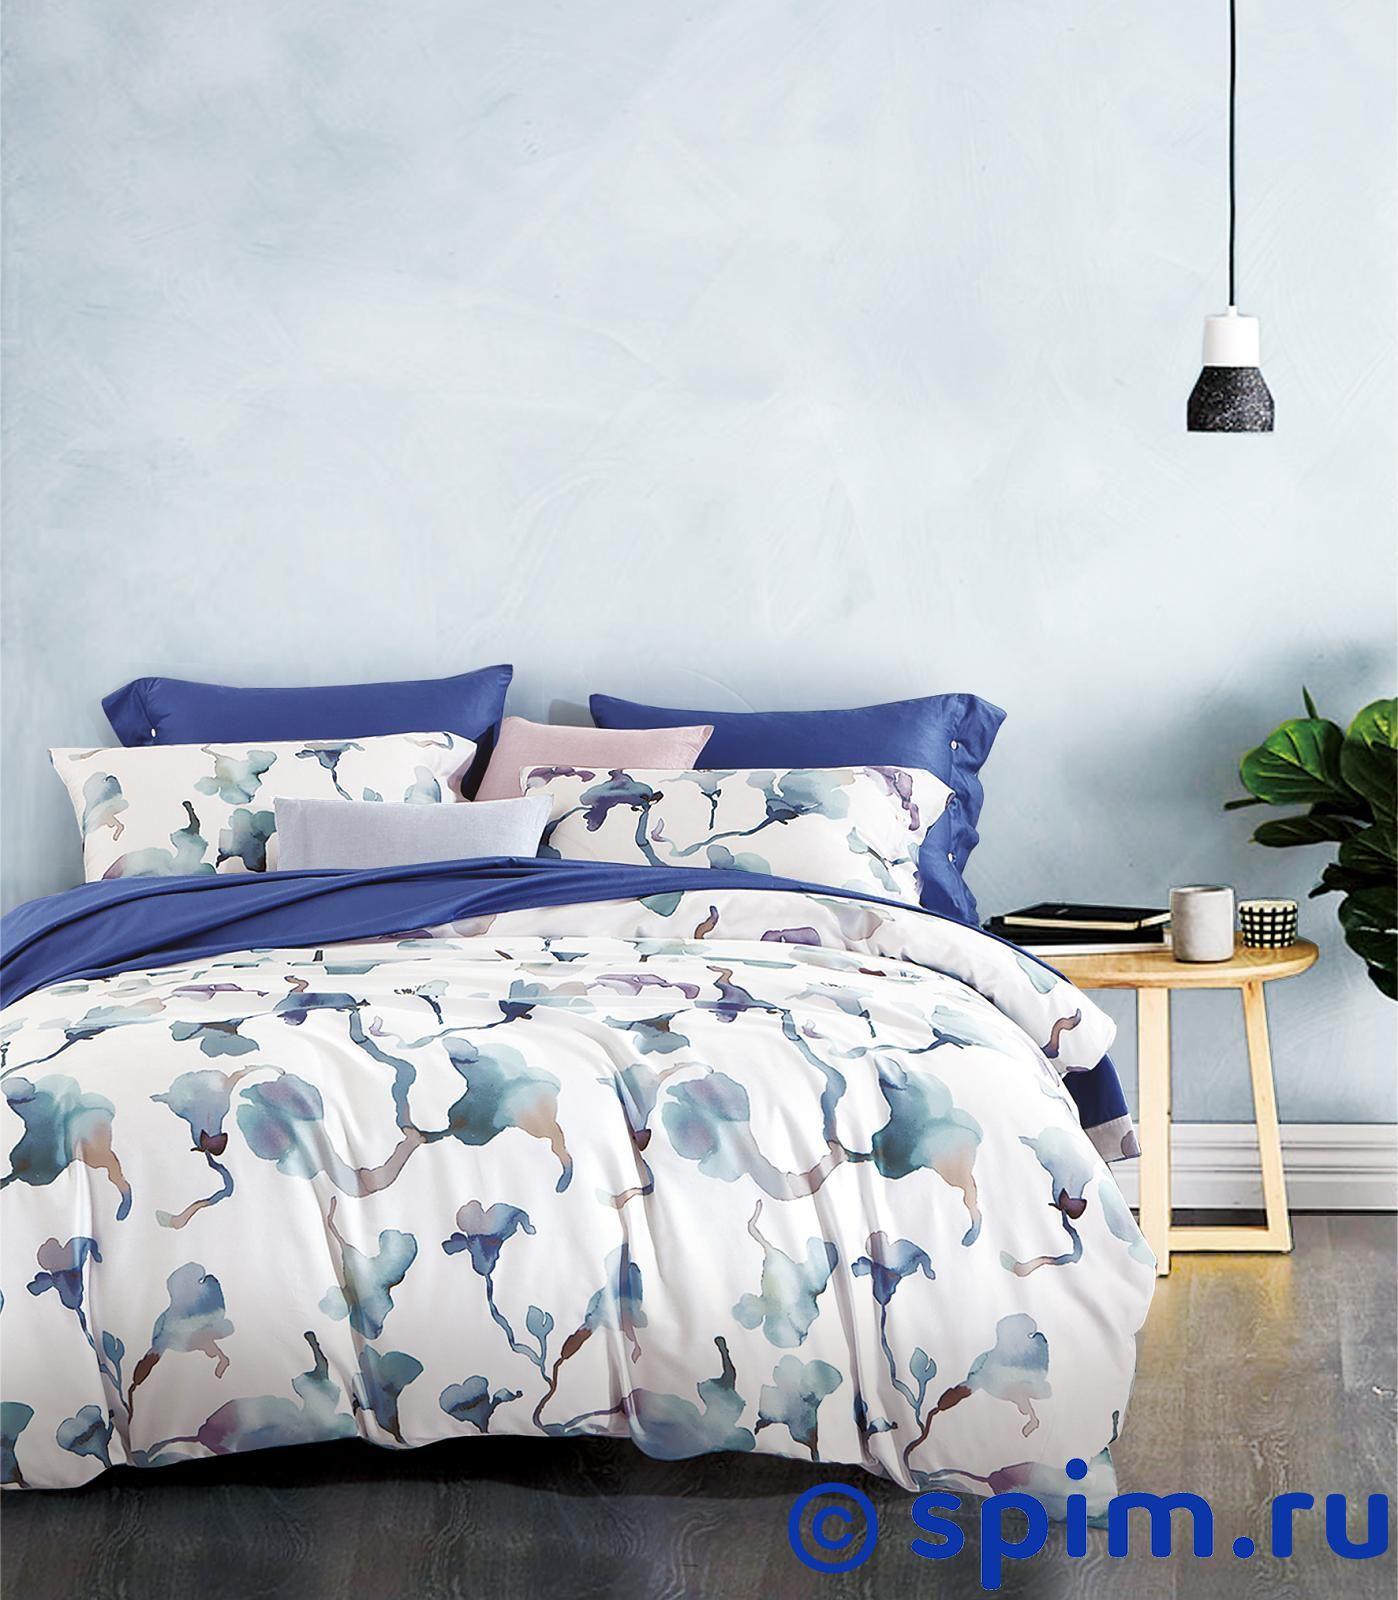 Купить Постельное белье Stefan Landsberg Aquarellе 1.5 спальное